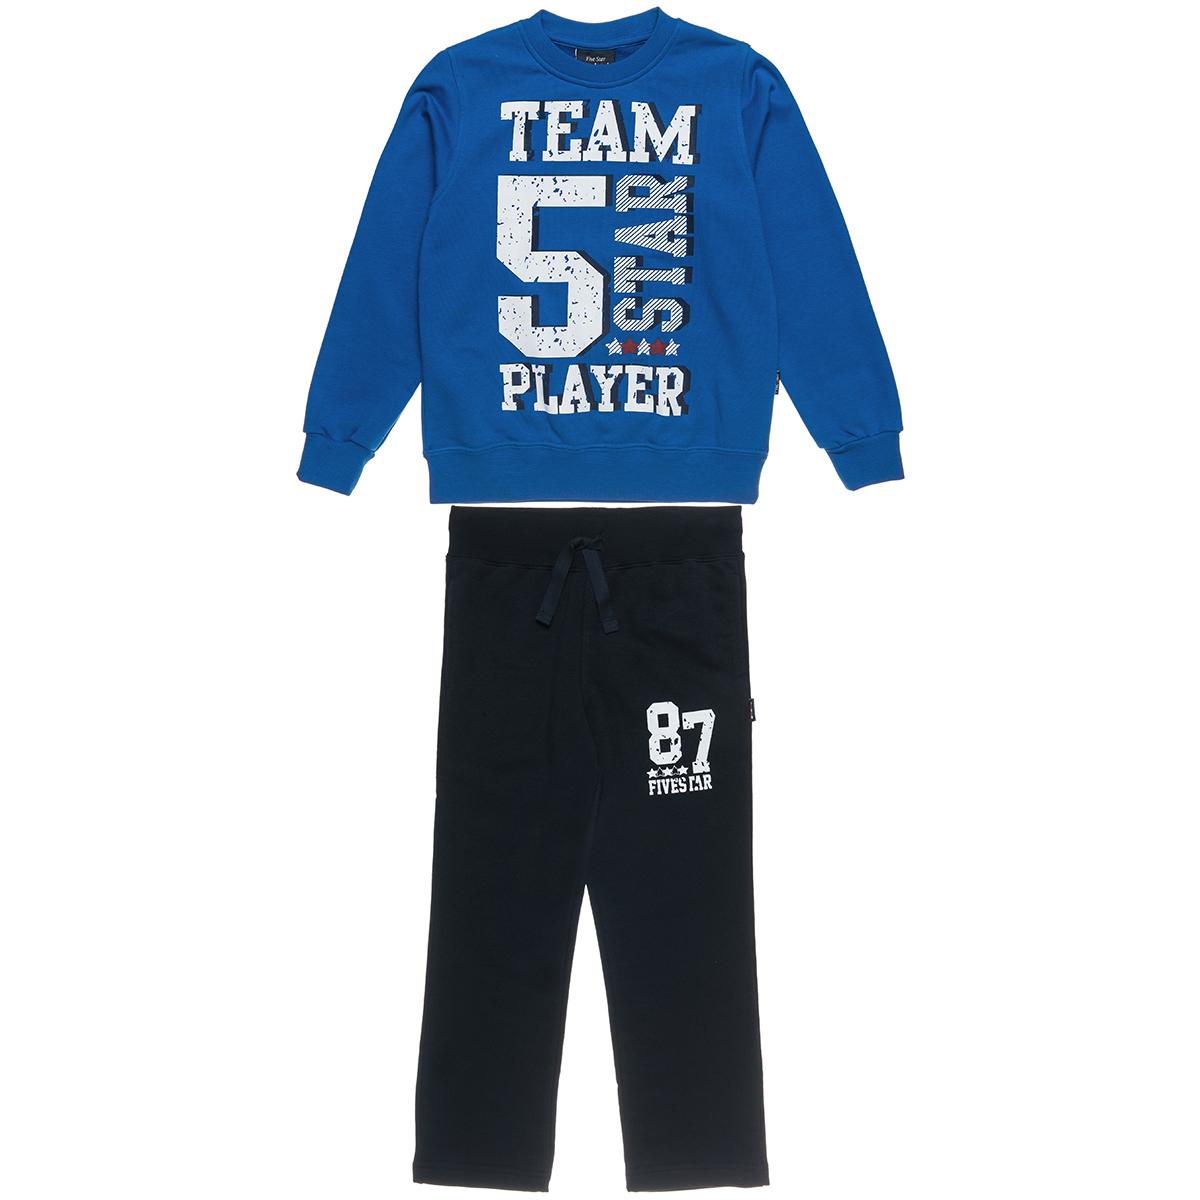 Σετ φόρμας Five Star μπλούζα με λάστιχο στα μανίκια και παντελόνι με τύπωμα (Αγόρι 6-14 ετών) 00930625 - ΡΑΦ ΕΛΕΚΤΡΙΚ - 3101-0170/3/229/111